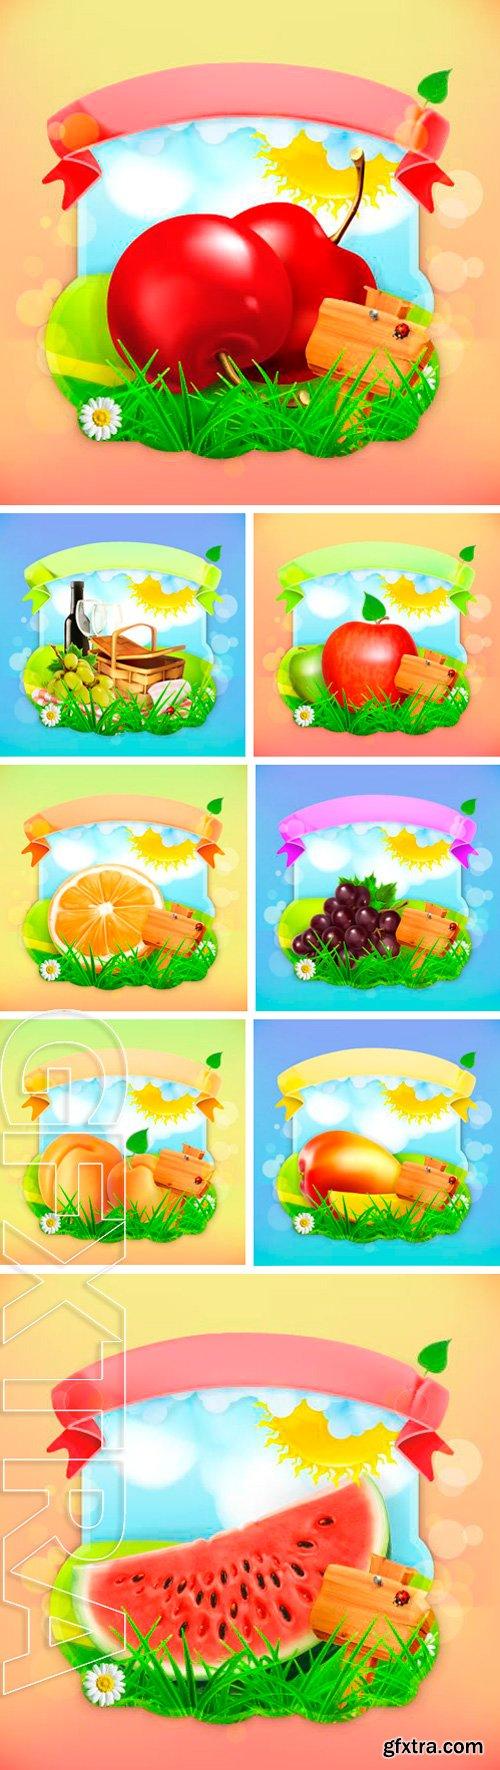 Stock Vectors - Fresh fruit label, vector illustration background for making design of a juice pack, jam jar etc